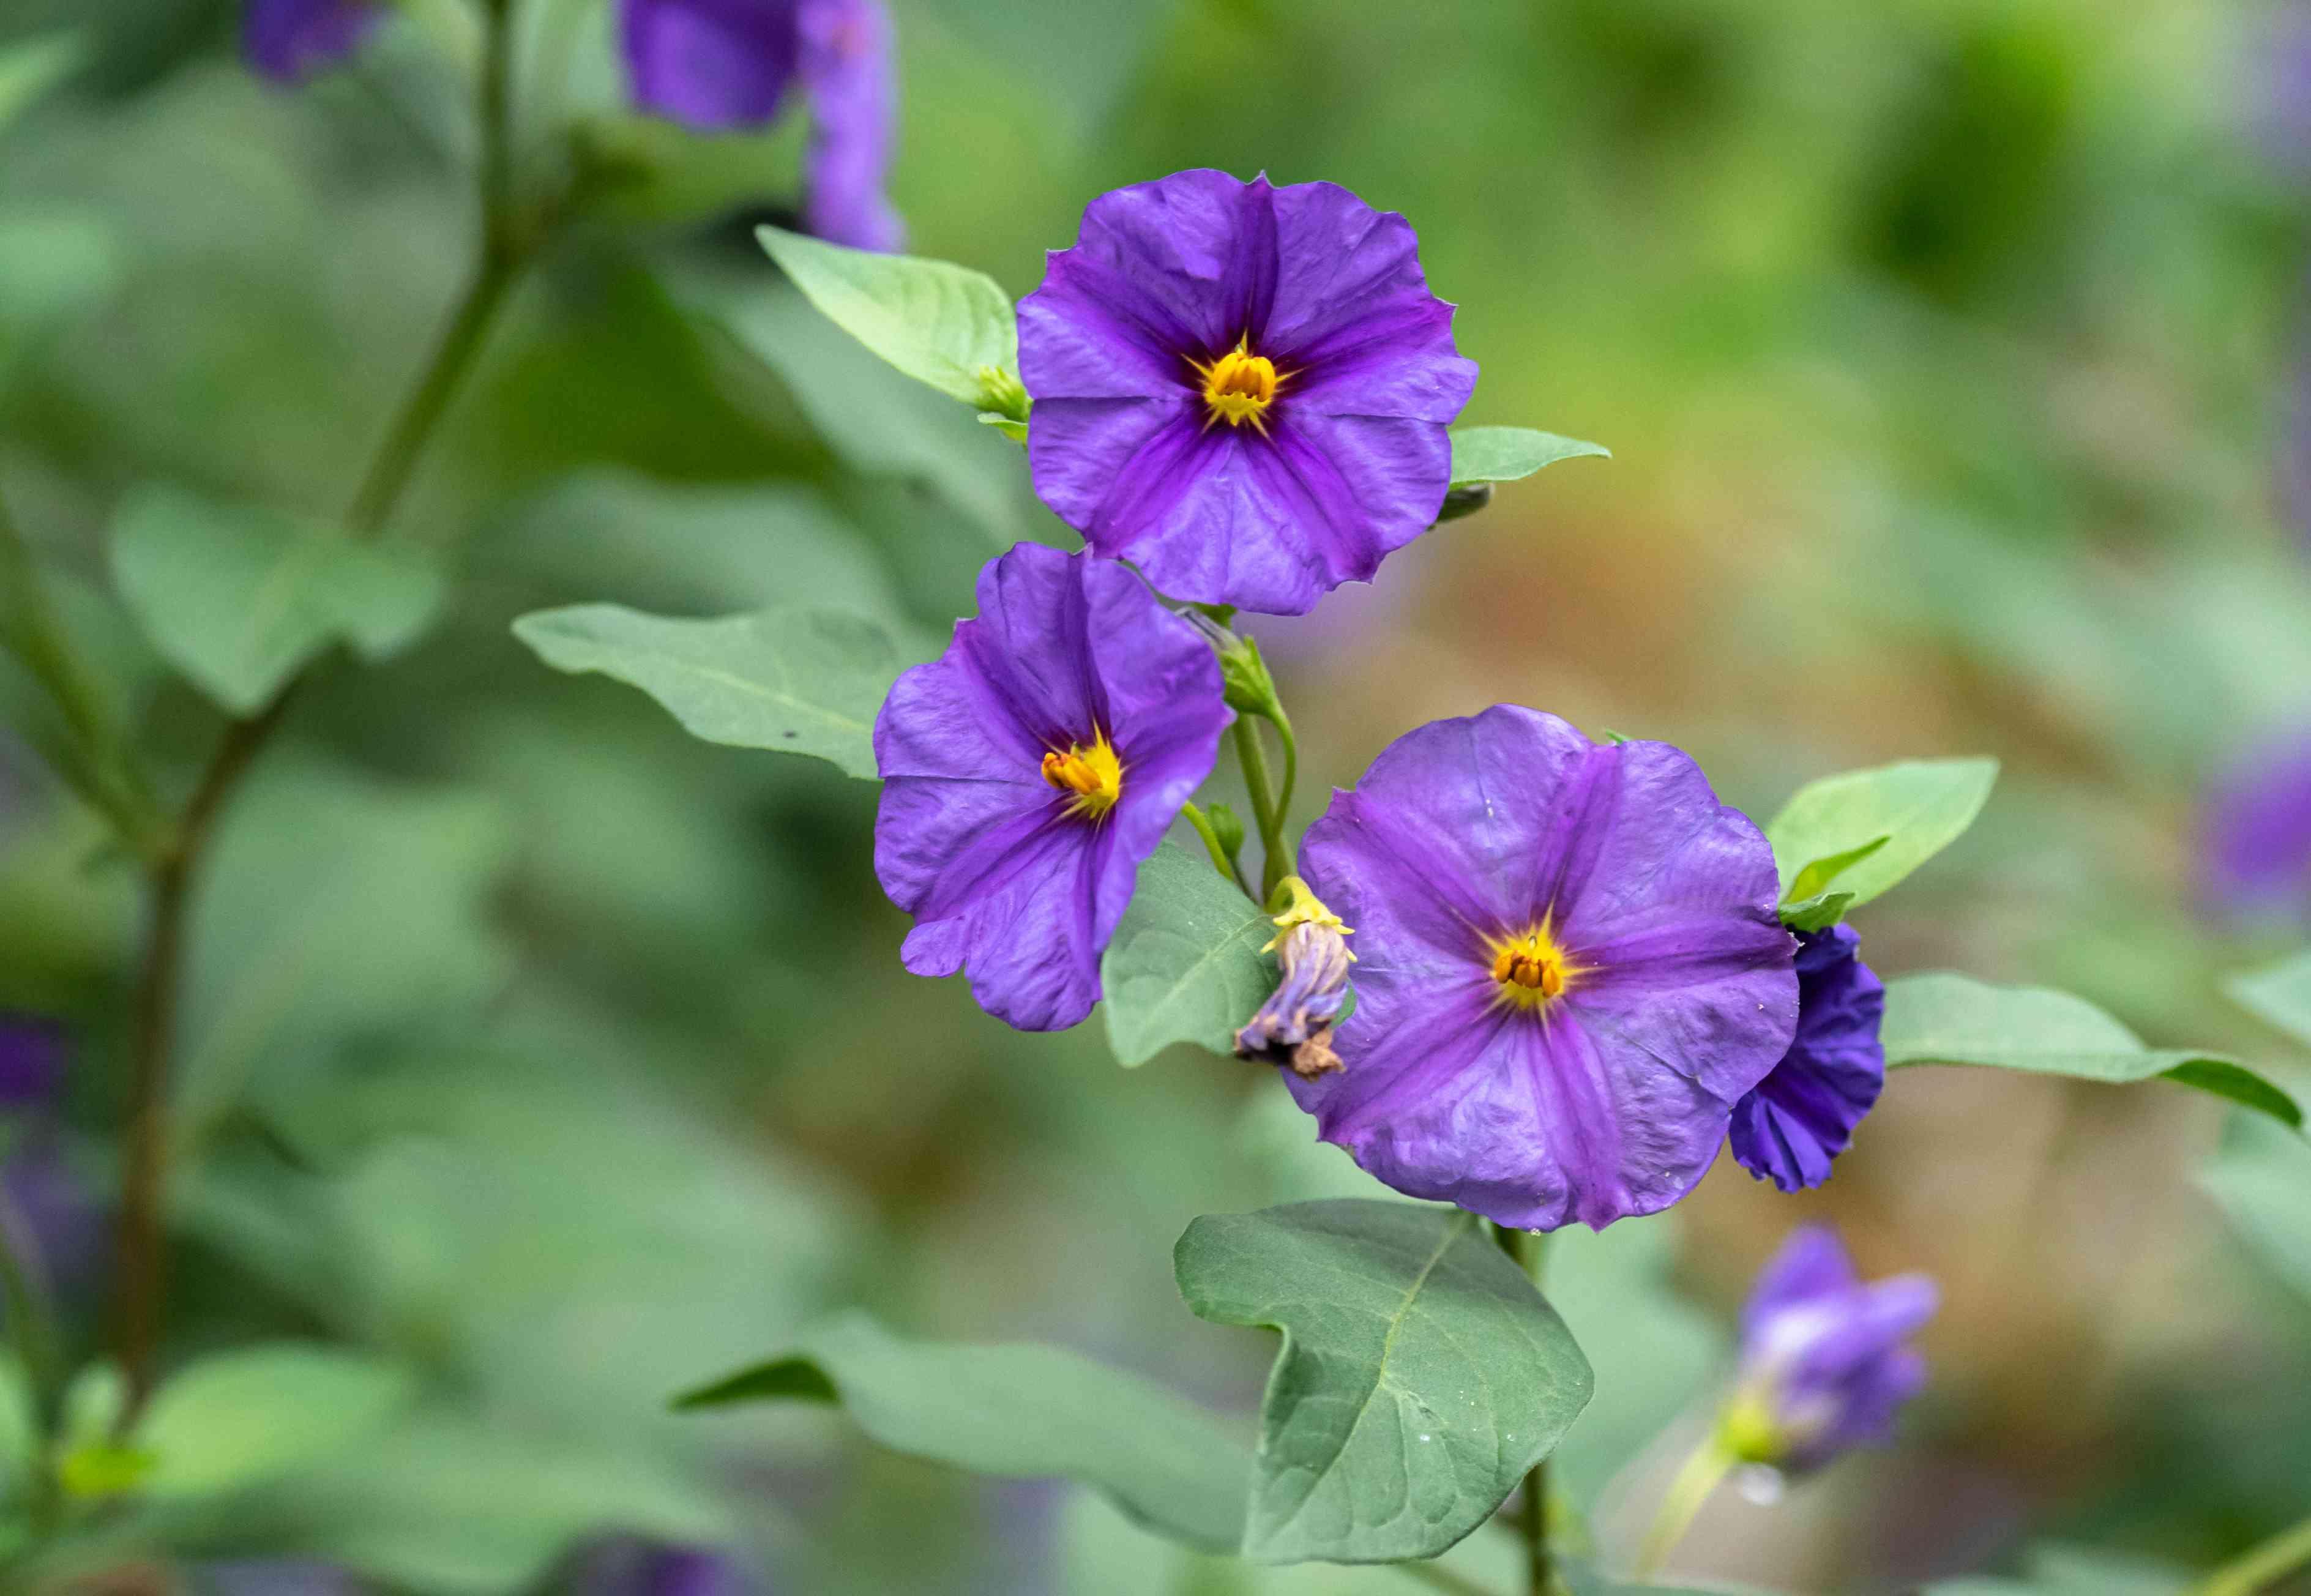 Blue potato bush plant with purple-blue flowers closeup